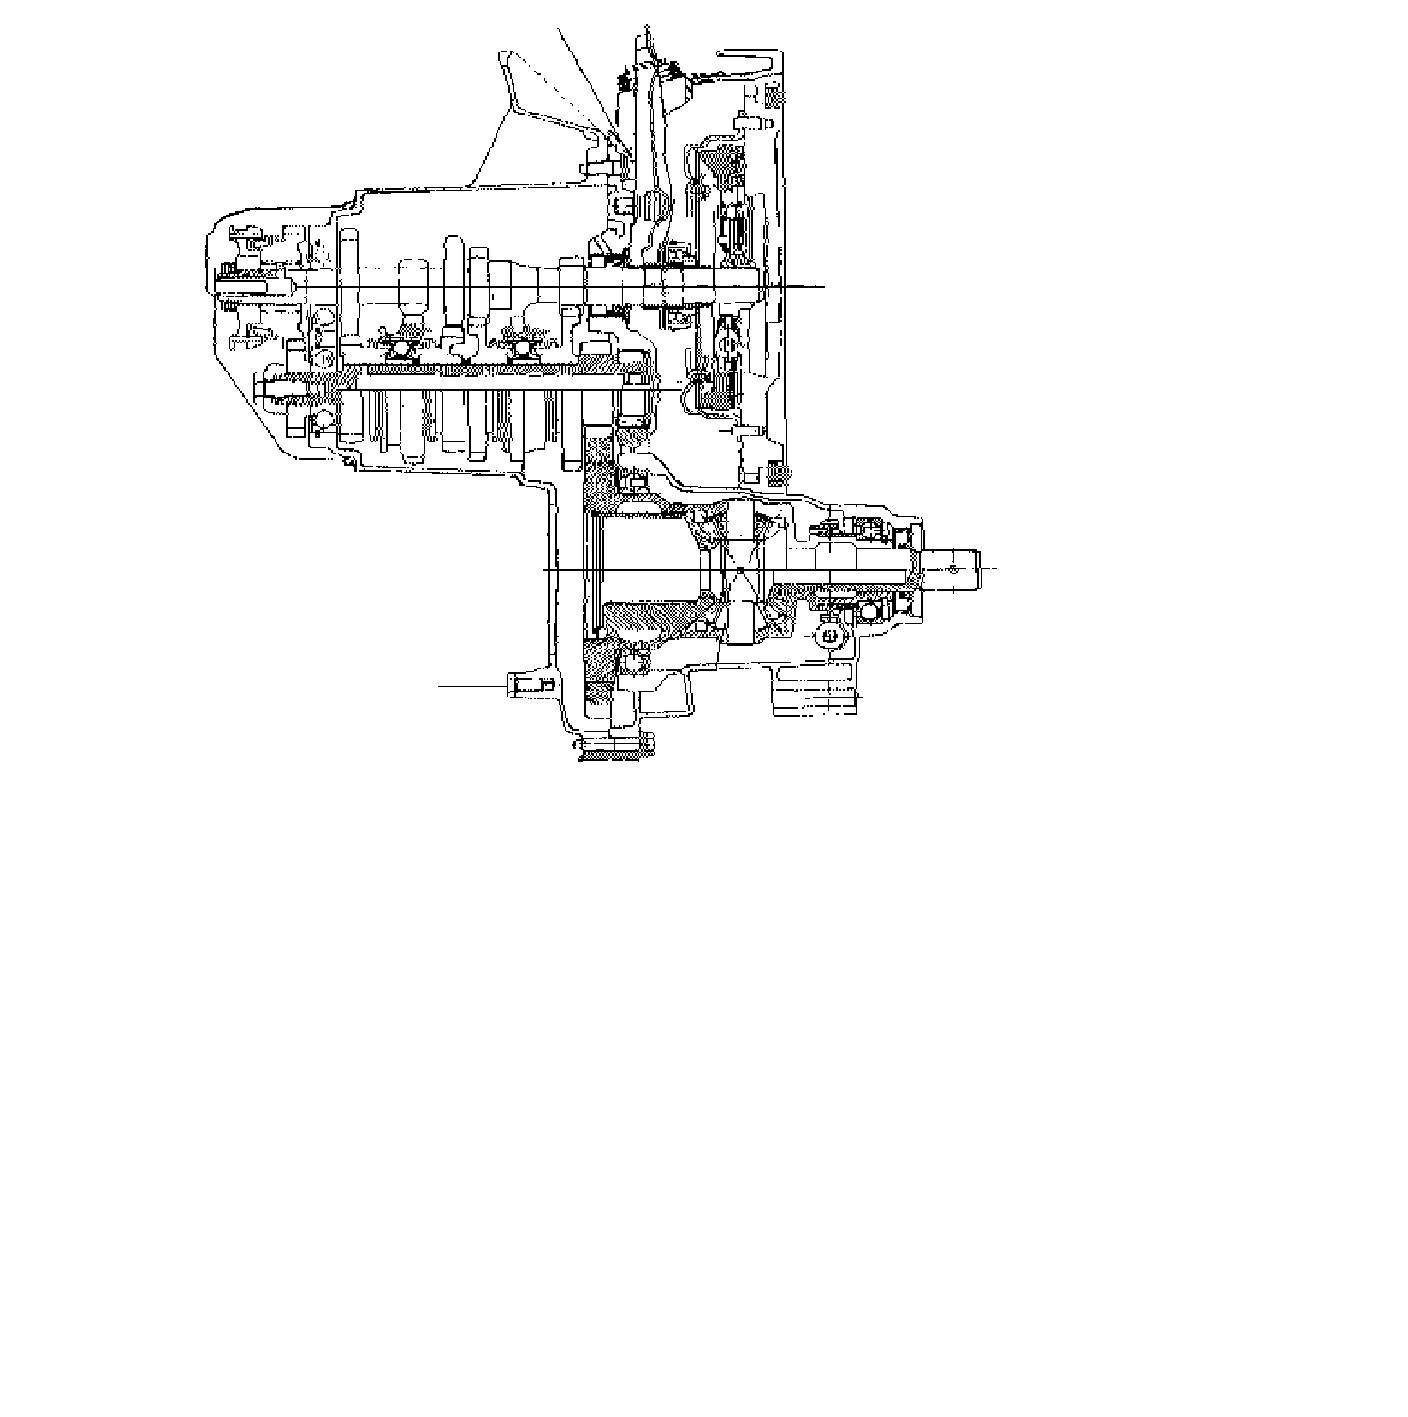 Bardzo dobra Megane I lift 1.9dti - naprawa skrzyni biegów JC5 ZG55